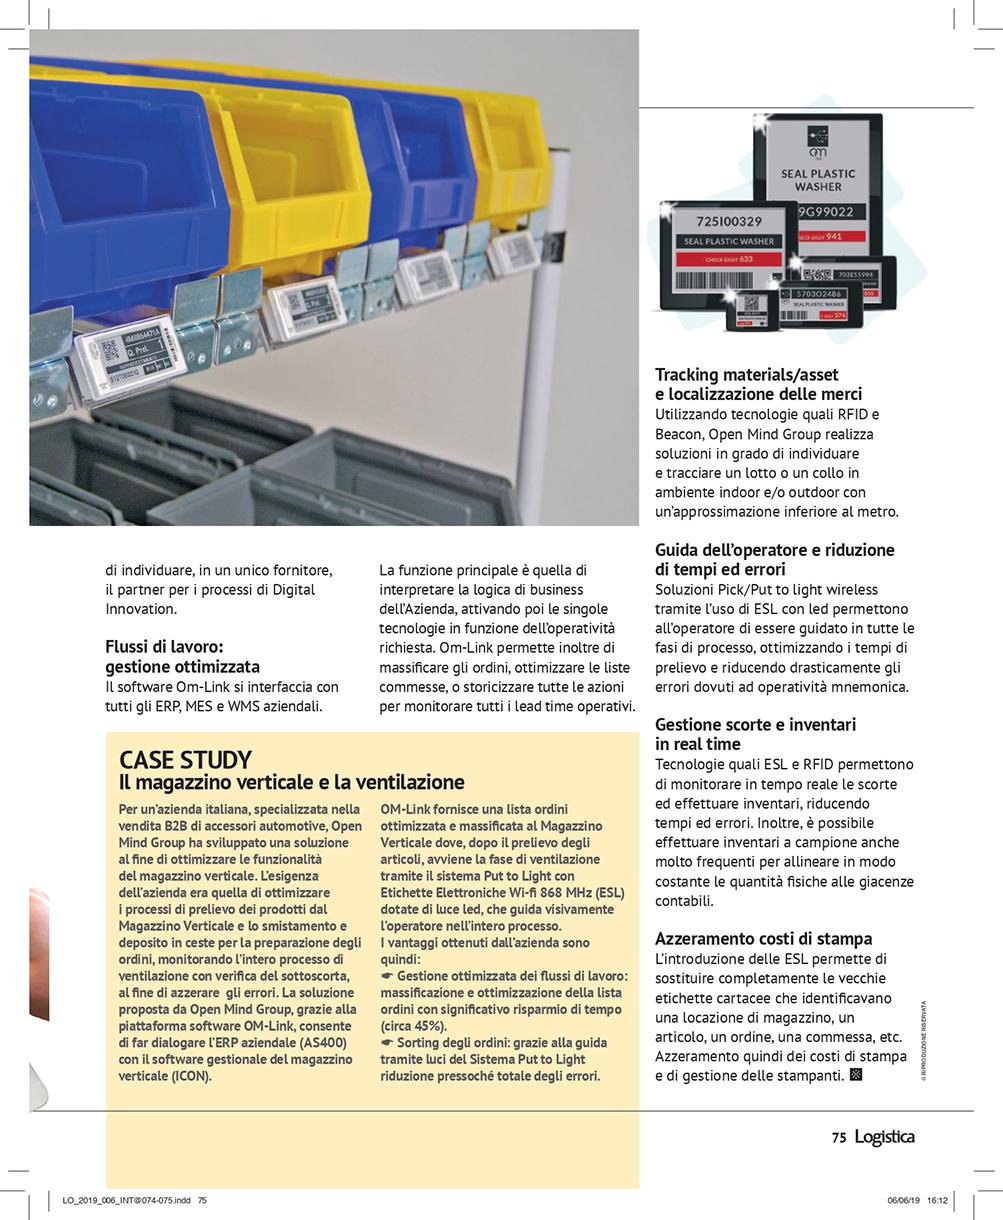 Articolo Magazine Logistica Pag.75